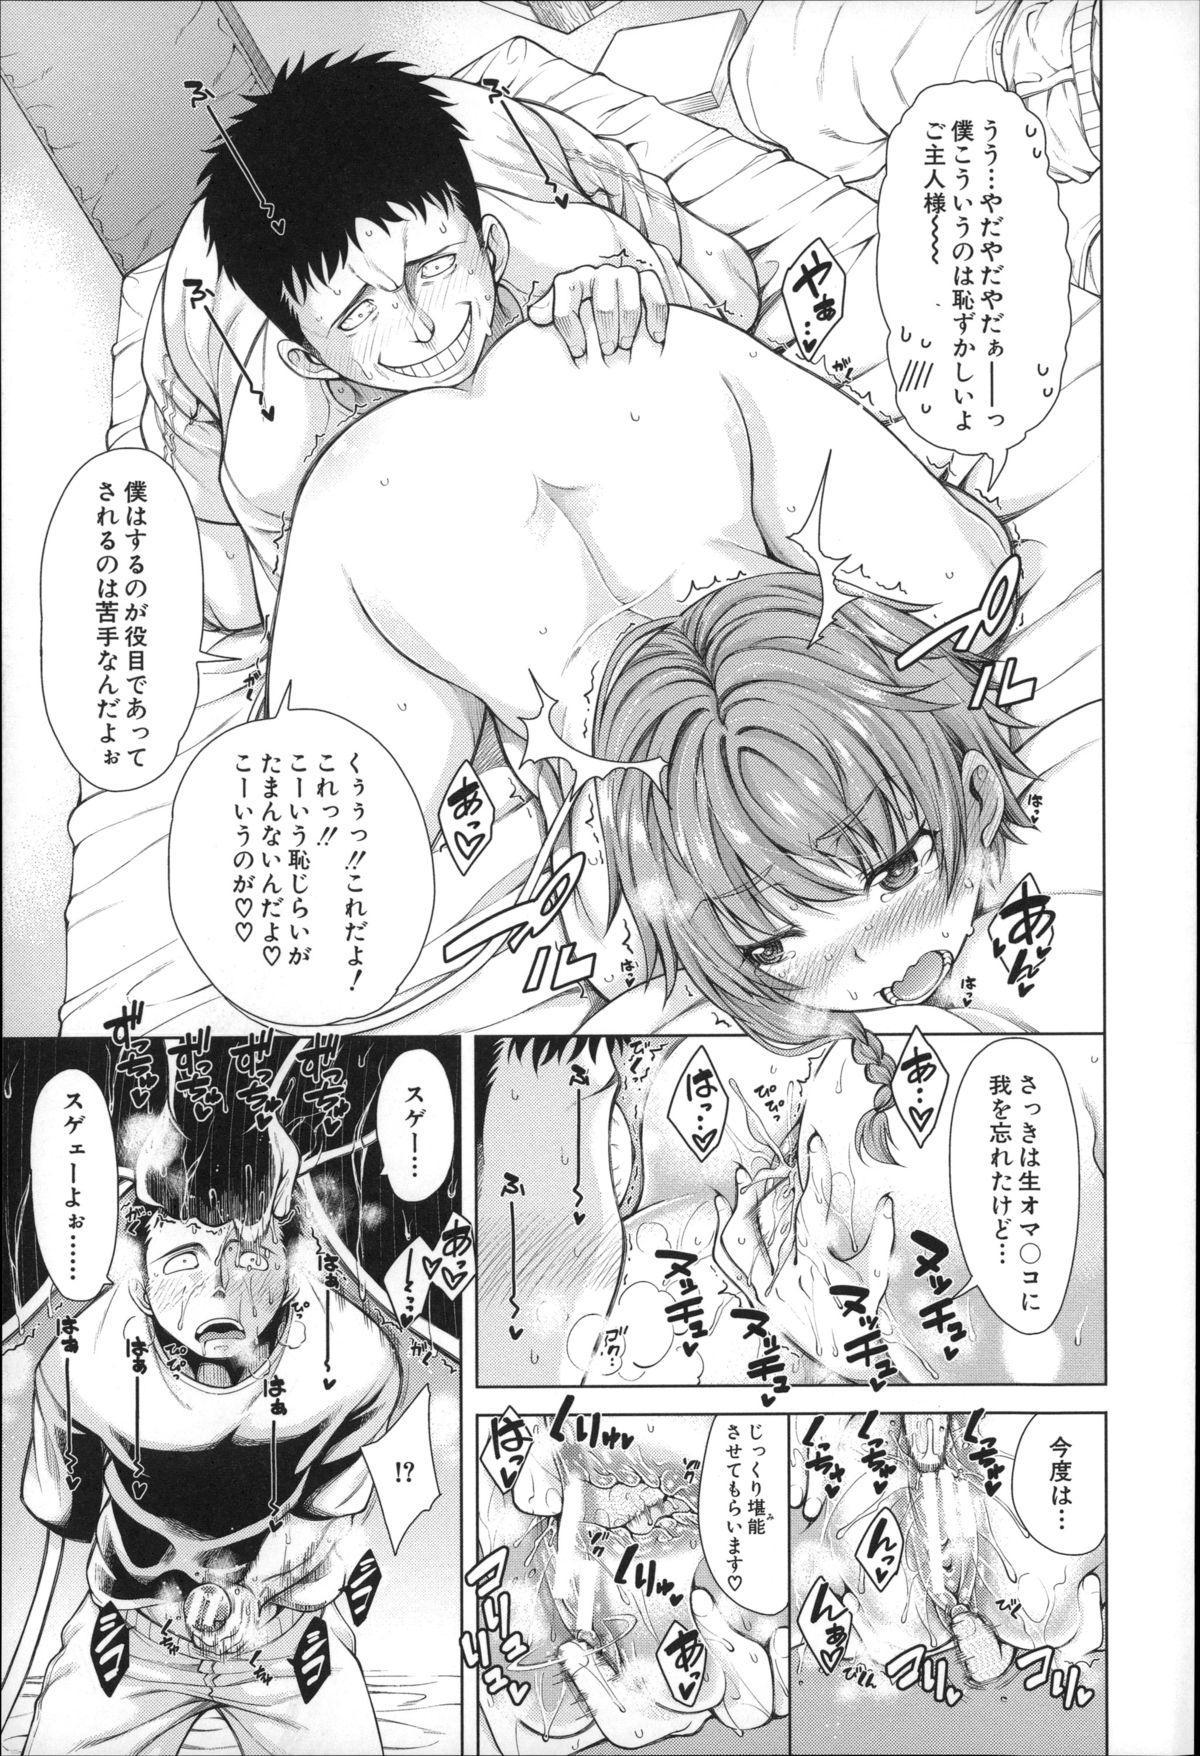 Migite ga Bishoujo ni Natta kara Sex Shita kedo Doutei dayone!! 15